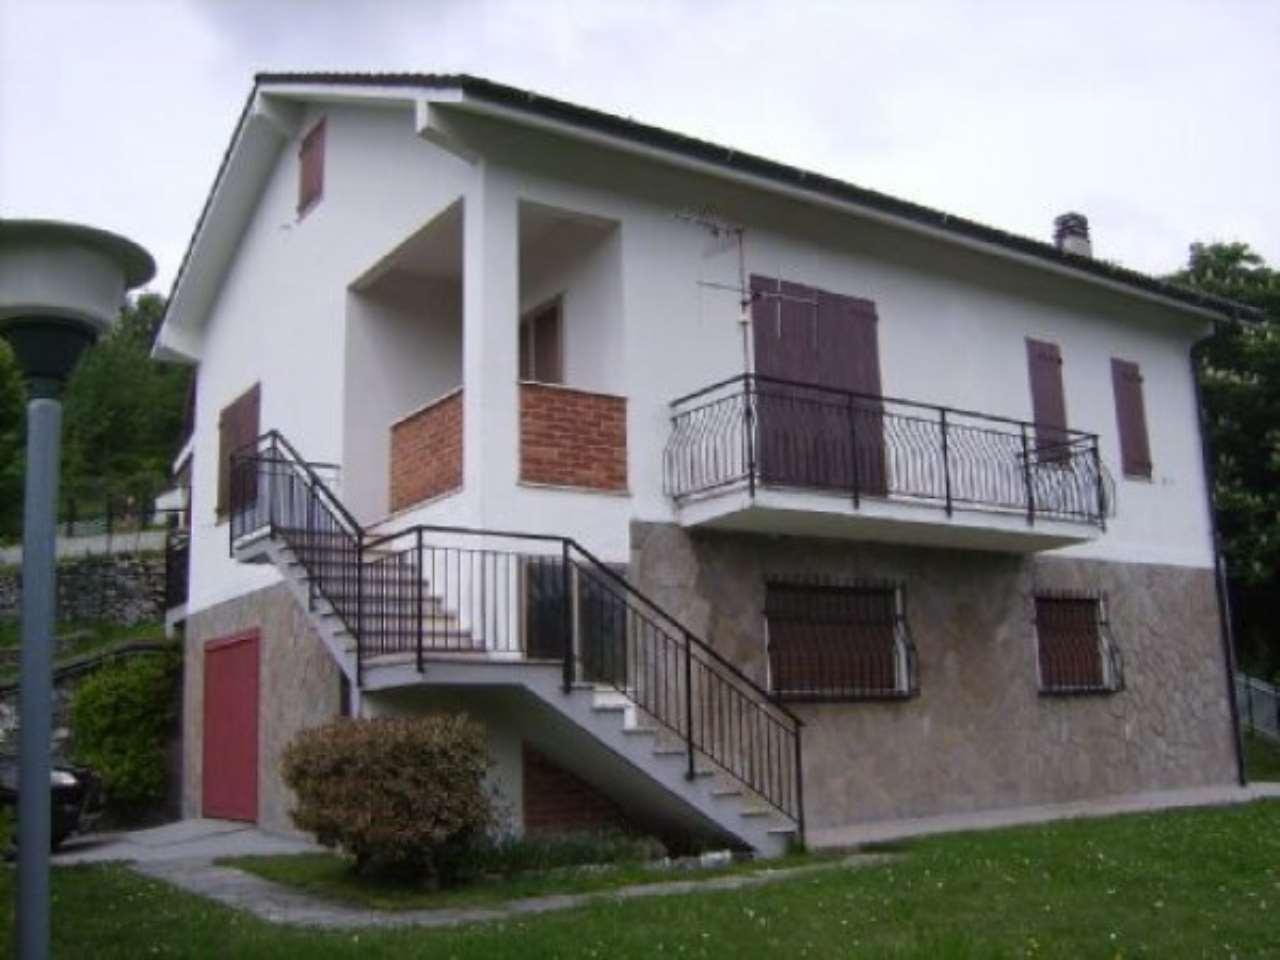 Casa mignanego in vendita waa2 for Casa di 700 metri quadrati in vendita